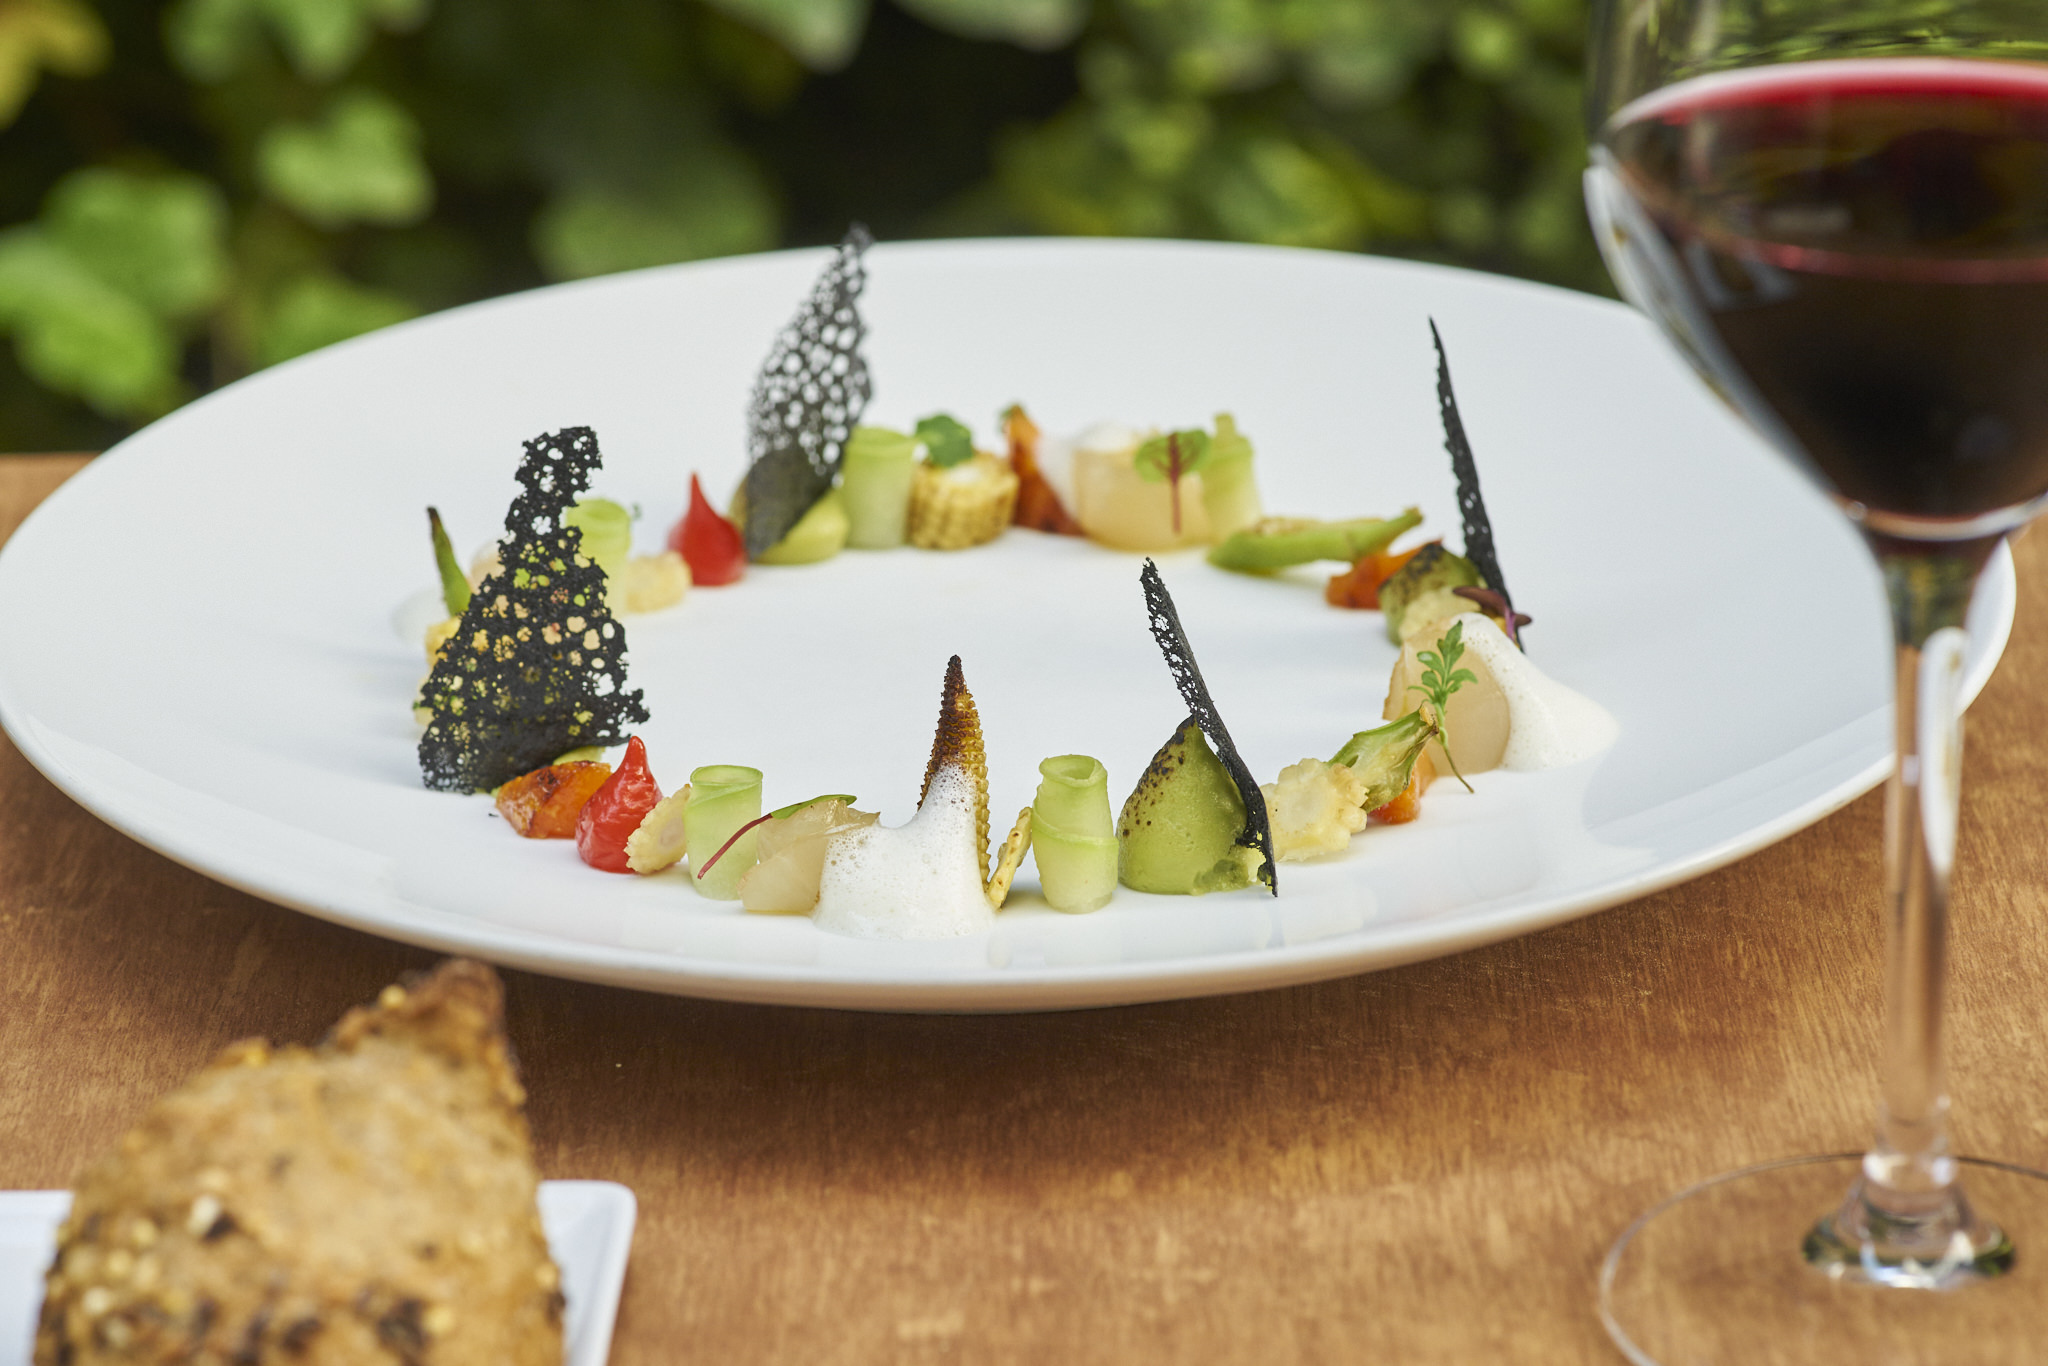 Hôtel - Plat - Photo culinaire - Photographe culinaire - Bordeaux - Artisan - métier de bouche